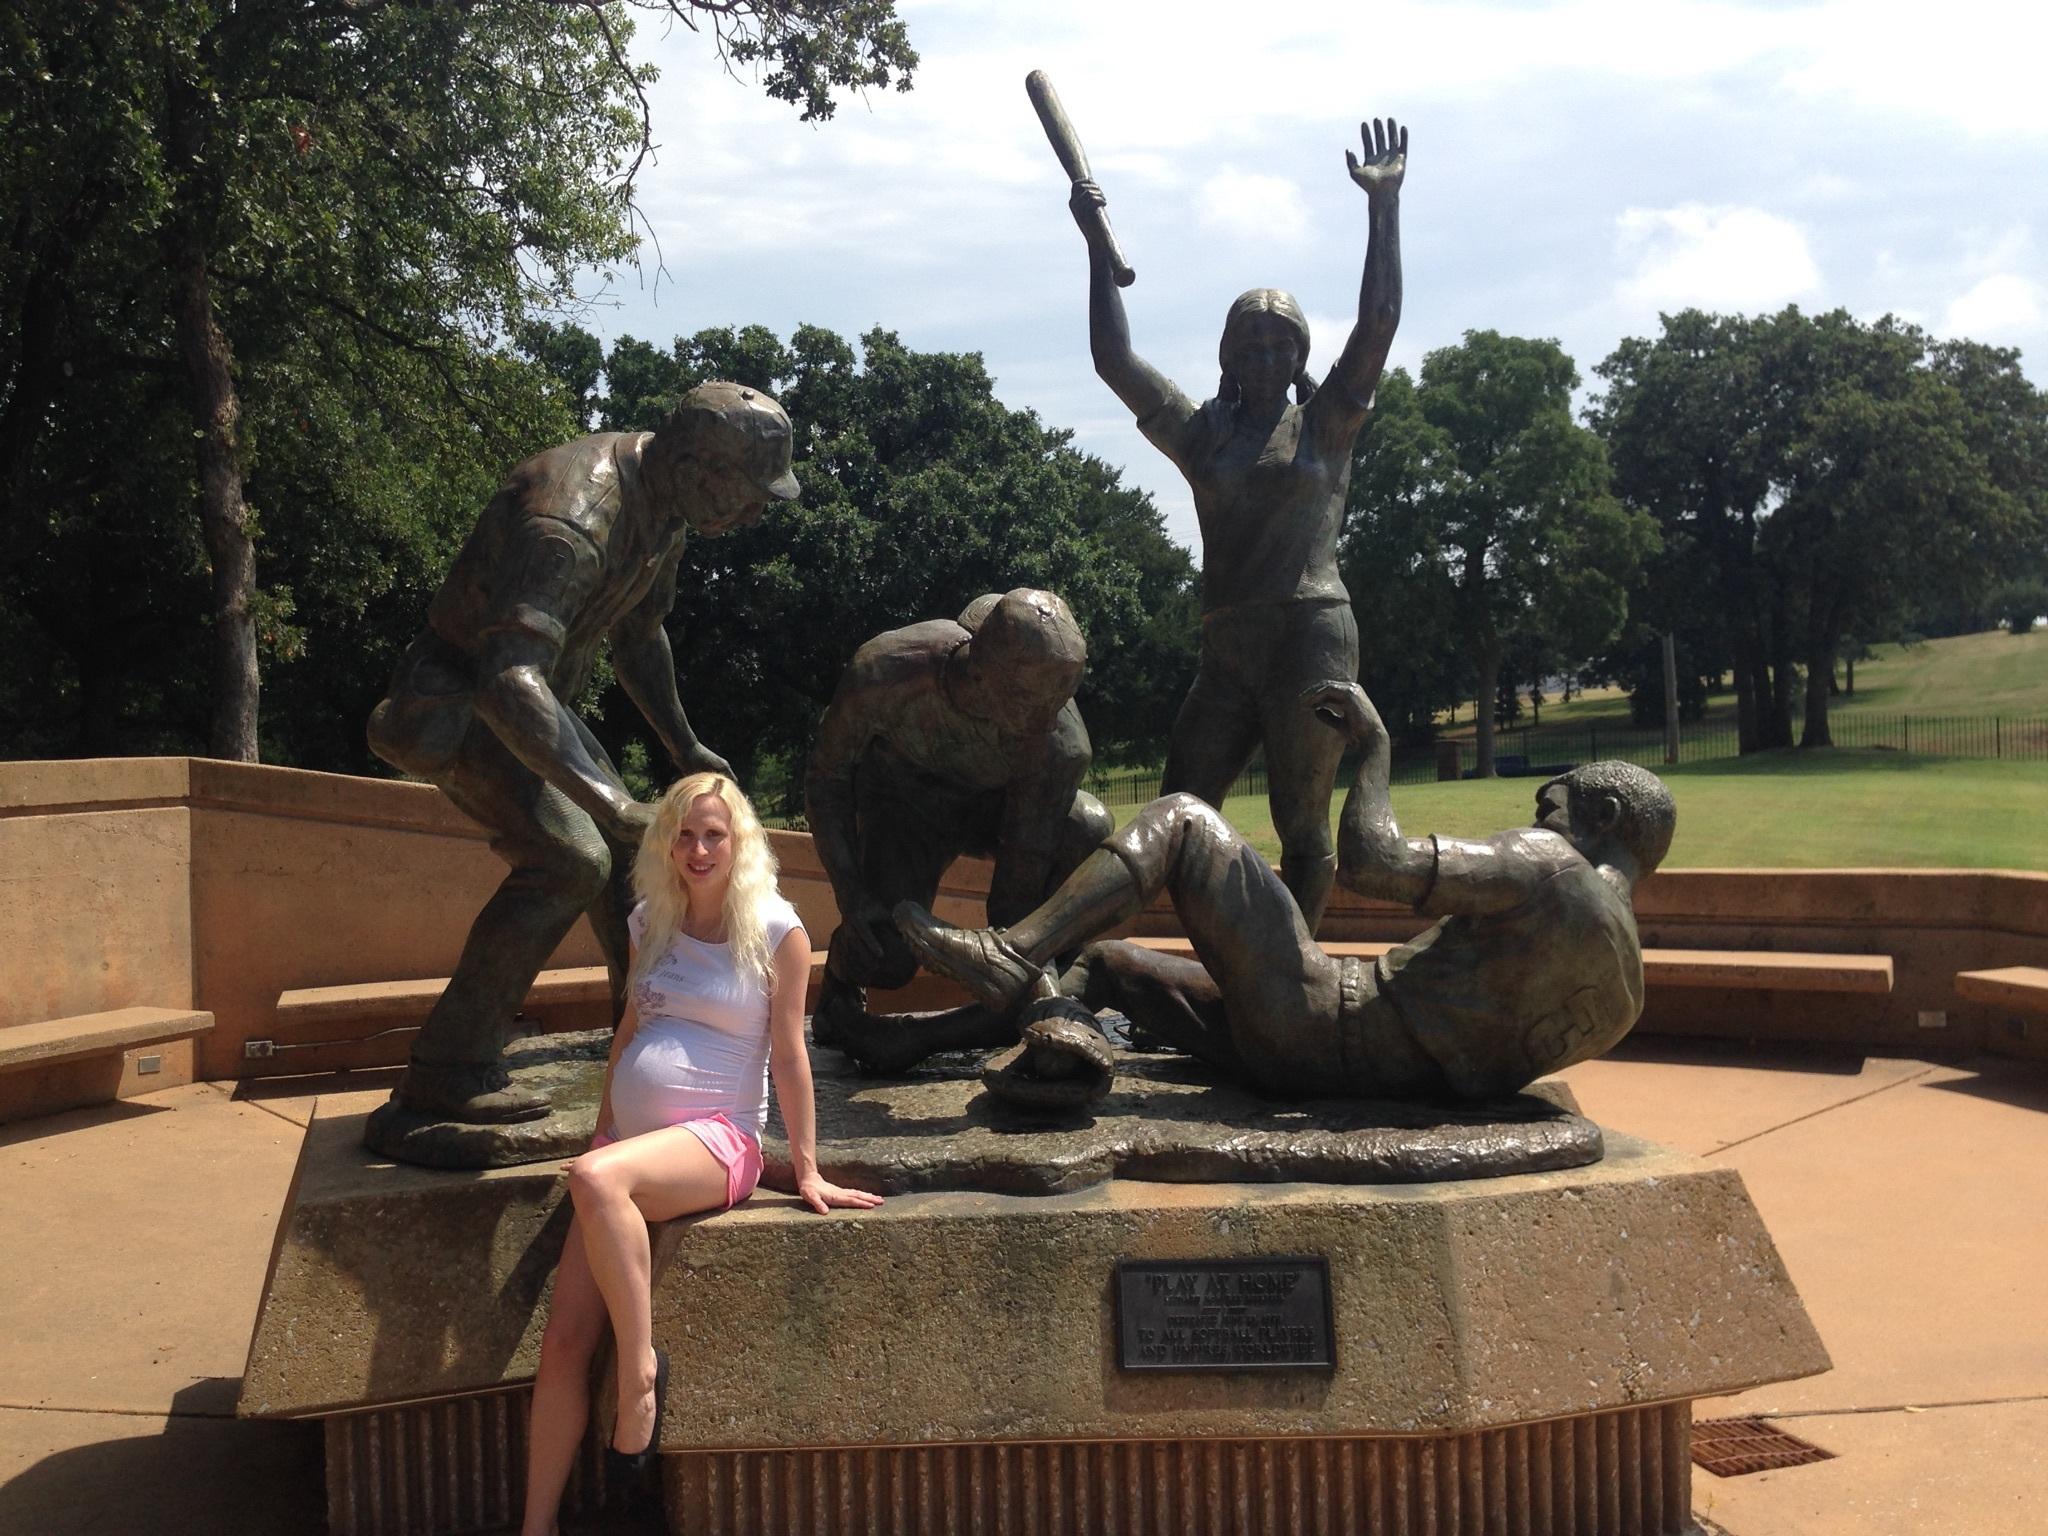 Softball Hall of Fame, Oklahoma City, USA